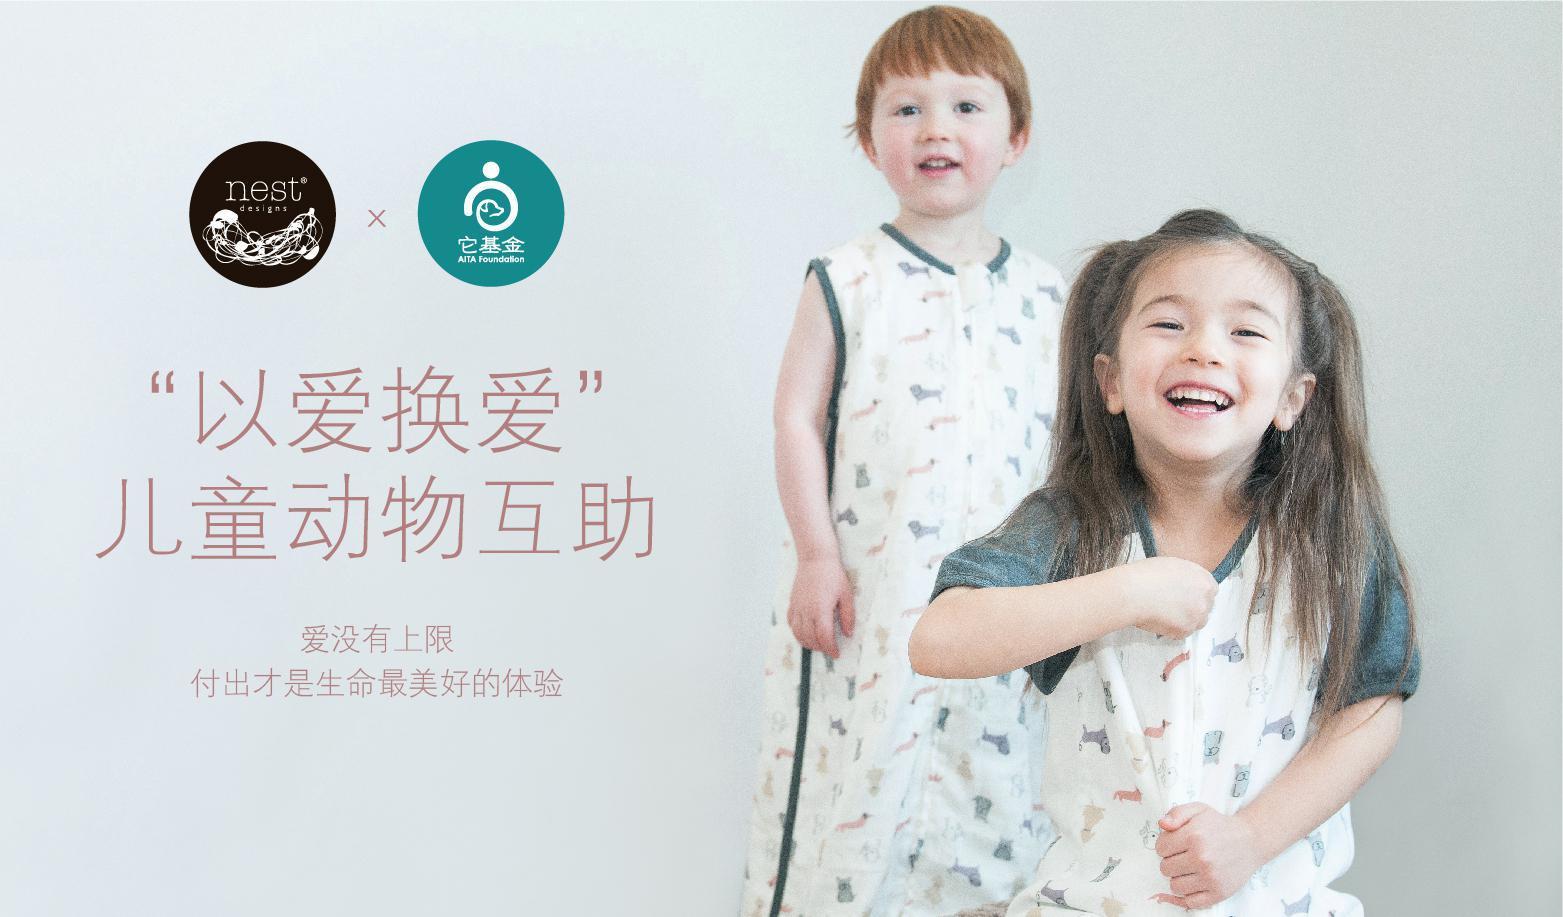 加拿大母婴品牌Nest Designs推出公益捐助育婴产品,让爱更有意义